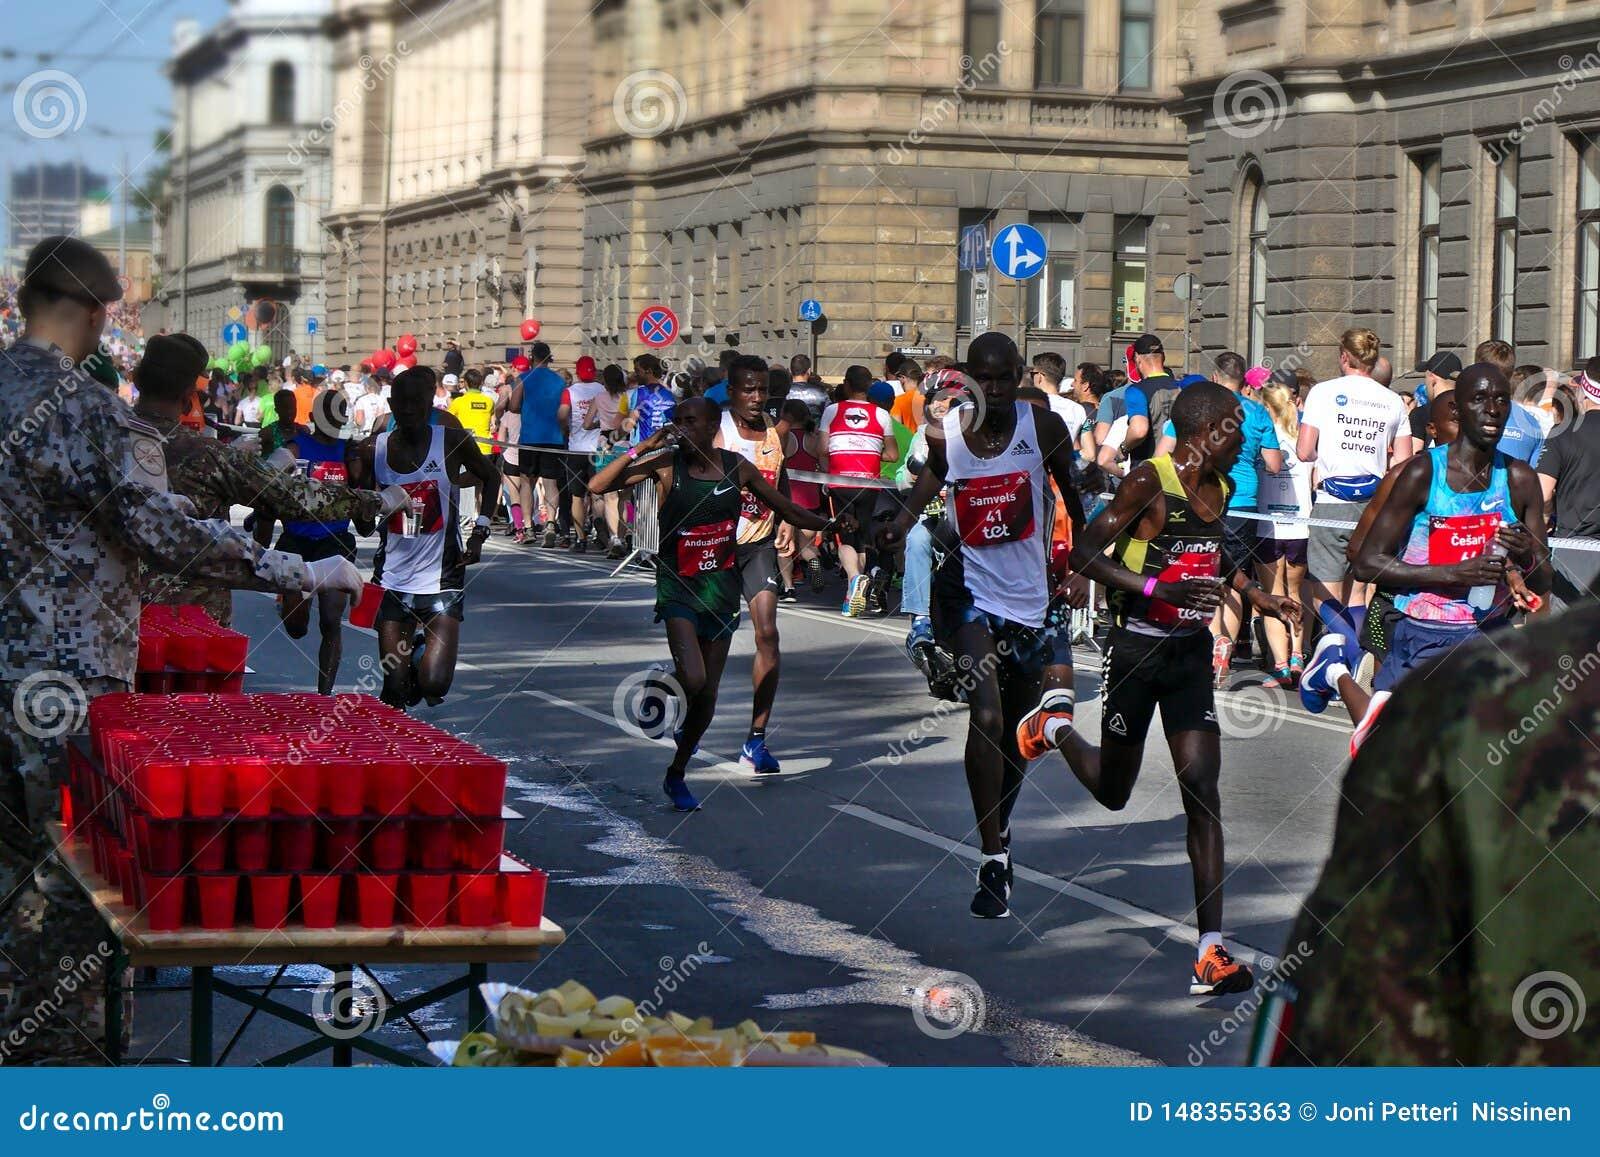 Riga, Lettland - 19. Mai 2019: Auslese-männliche Läufer, die den Erfrischungspunkt erschöpft führen